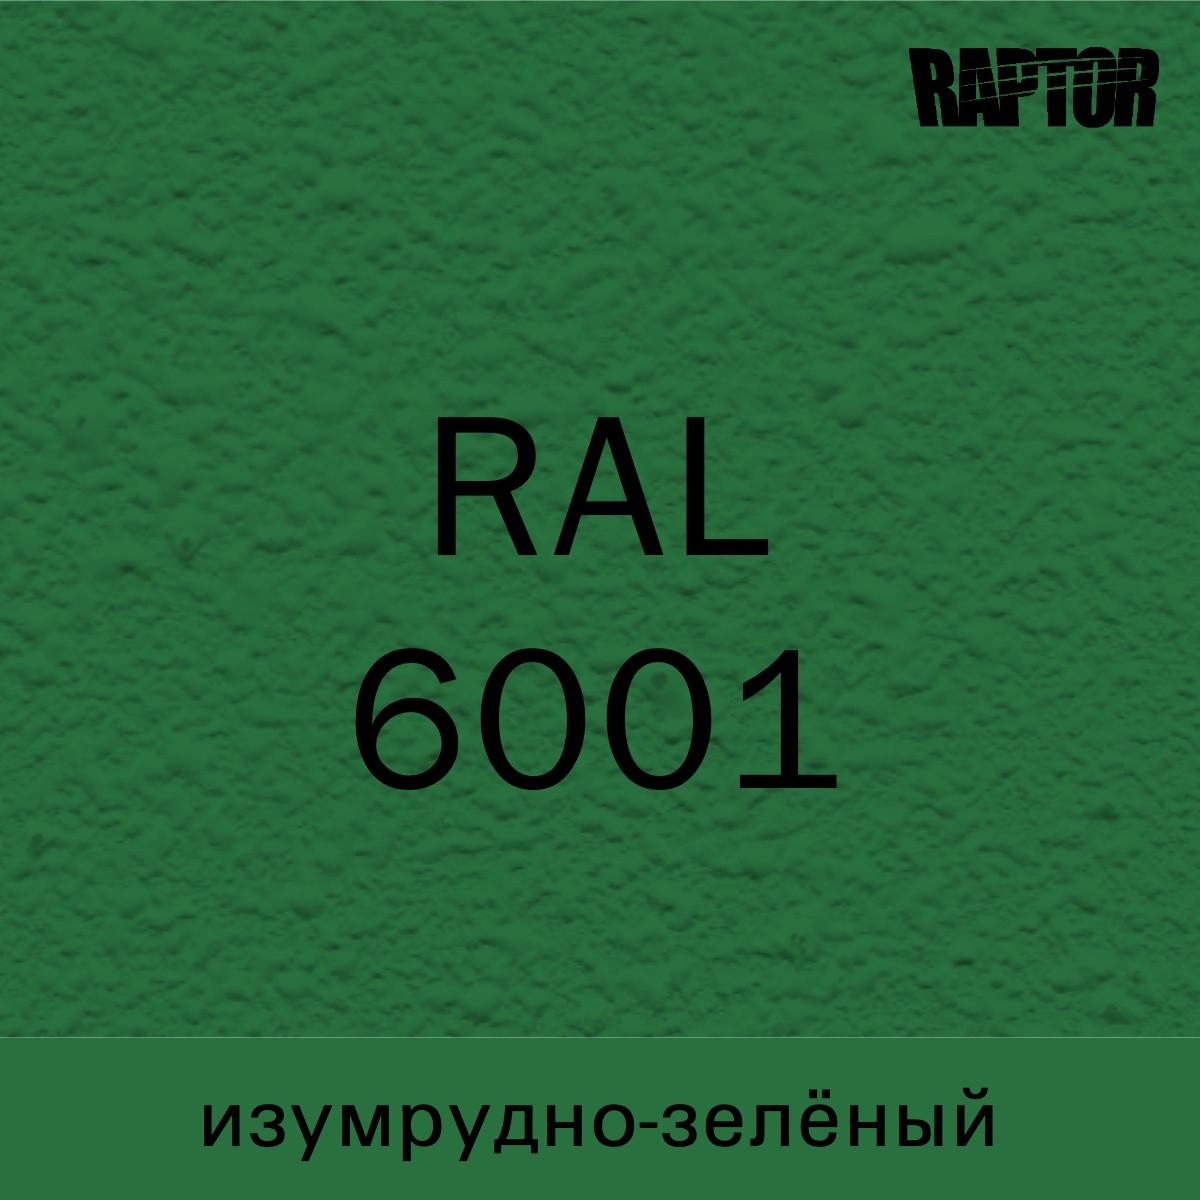 Пигмент для колеровки покрытия RAPTOR™ Изумрудно-зелёный (RAL 6001)